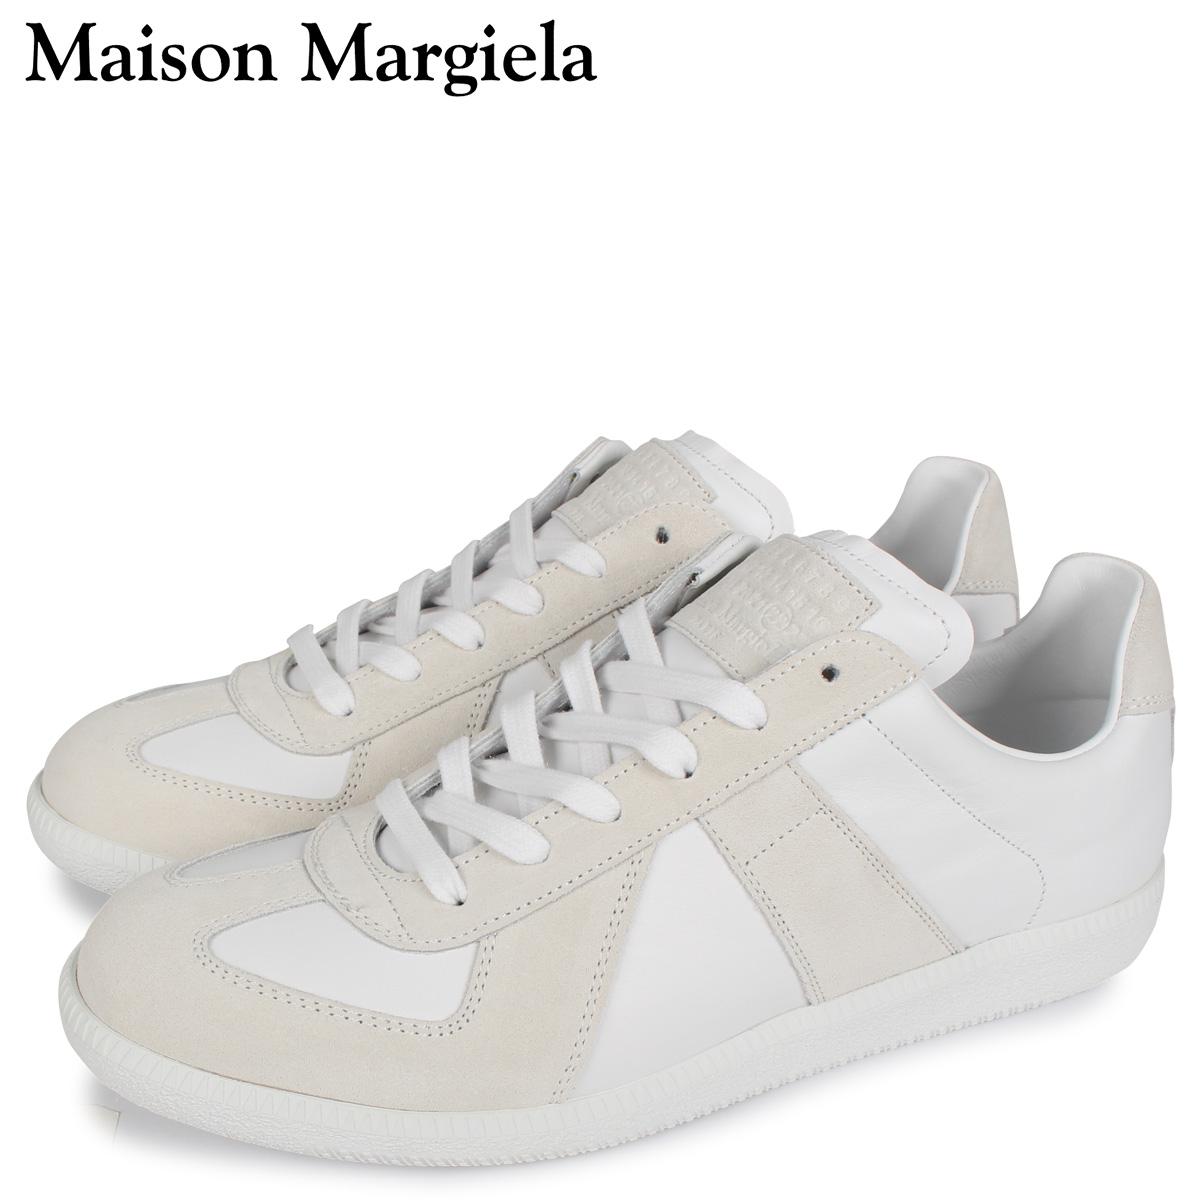 MAISON MARGIELA メゾンマルジェラ レプリカ スニーカー メンズ REPLICA LOW TOP ホワイト 白 S57WS0236 [3/3 新入荷]